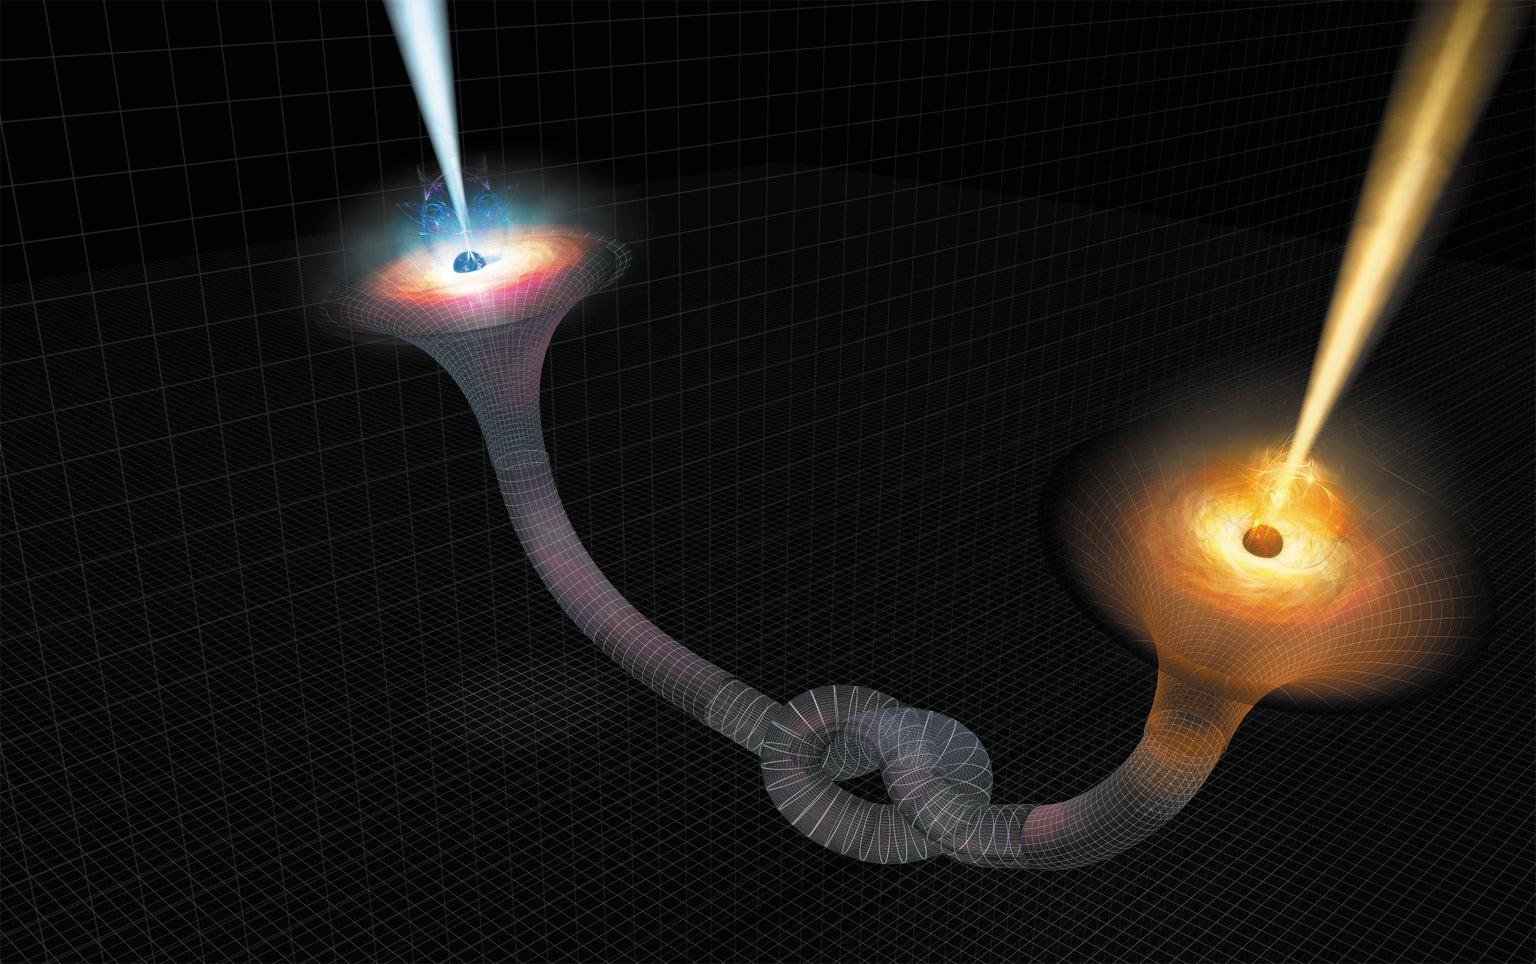 Agujero gusano cuántico